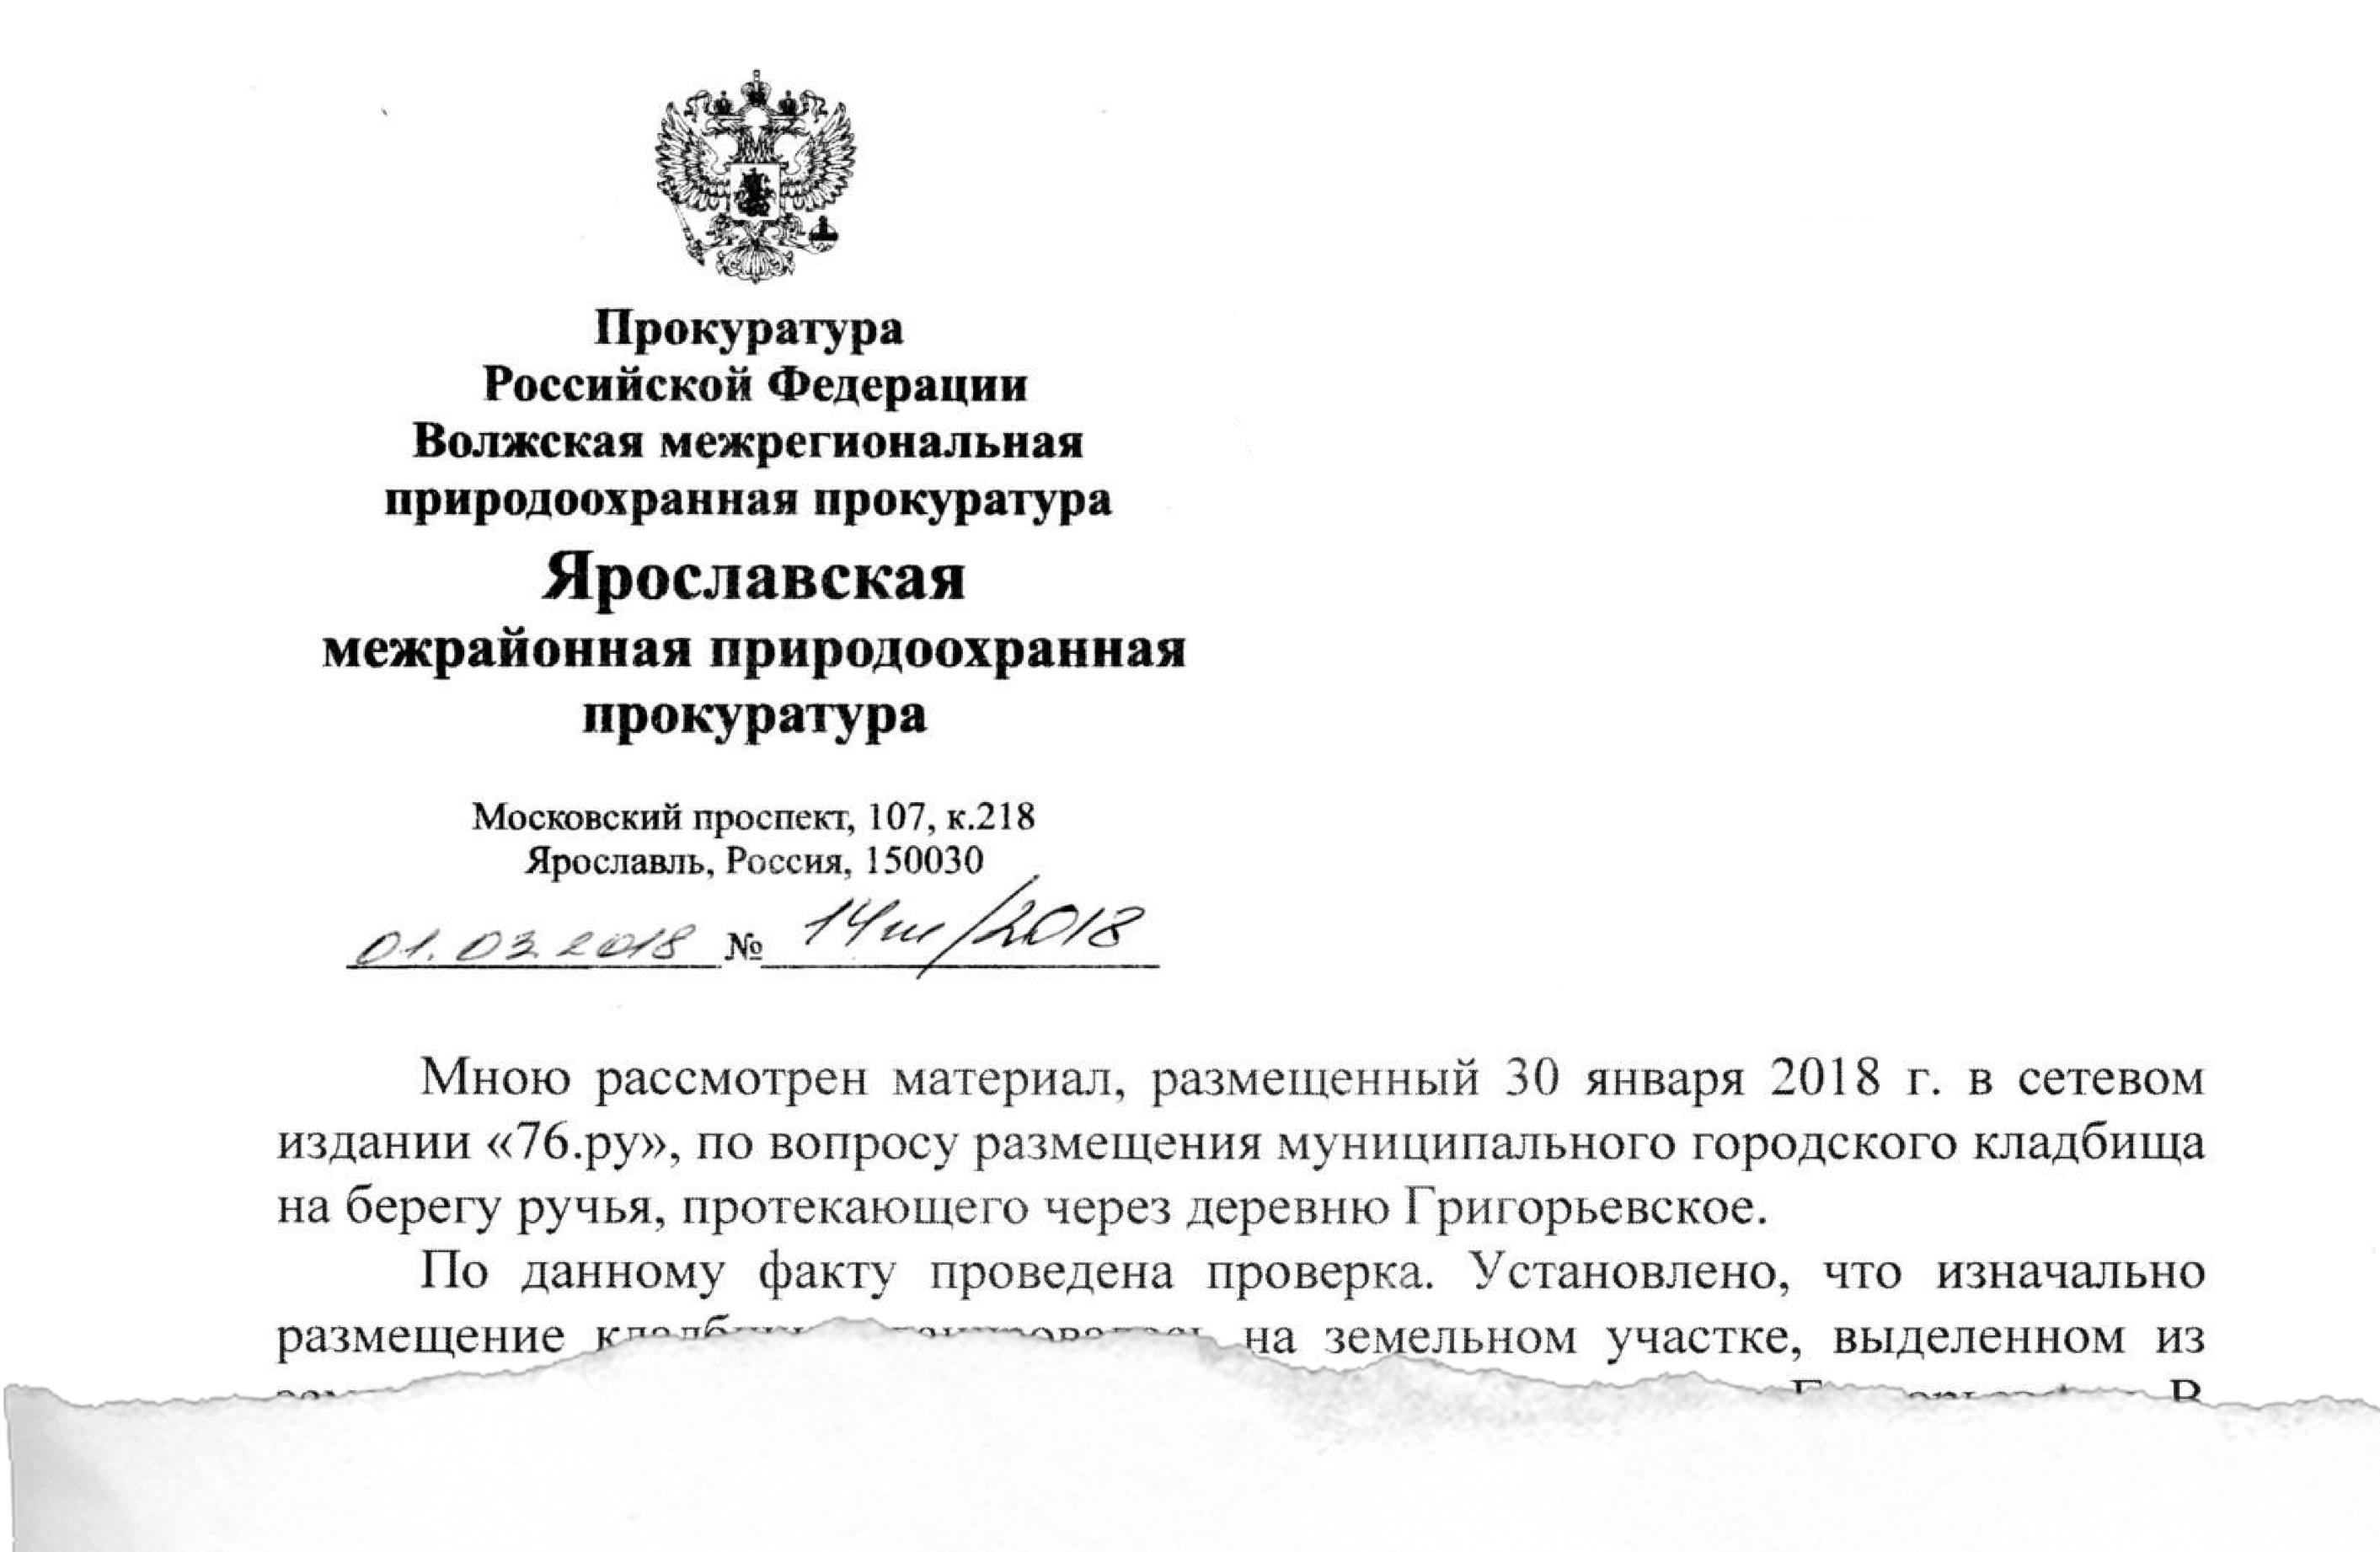 Природоохранная прокуратура проверила сведения из публикации на 76.ru